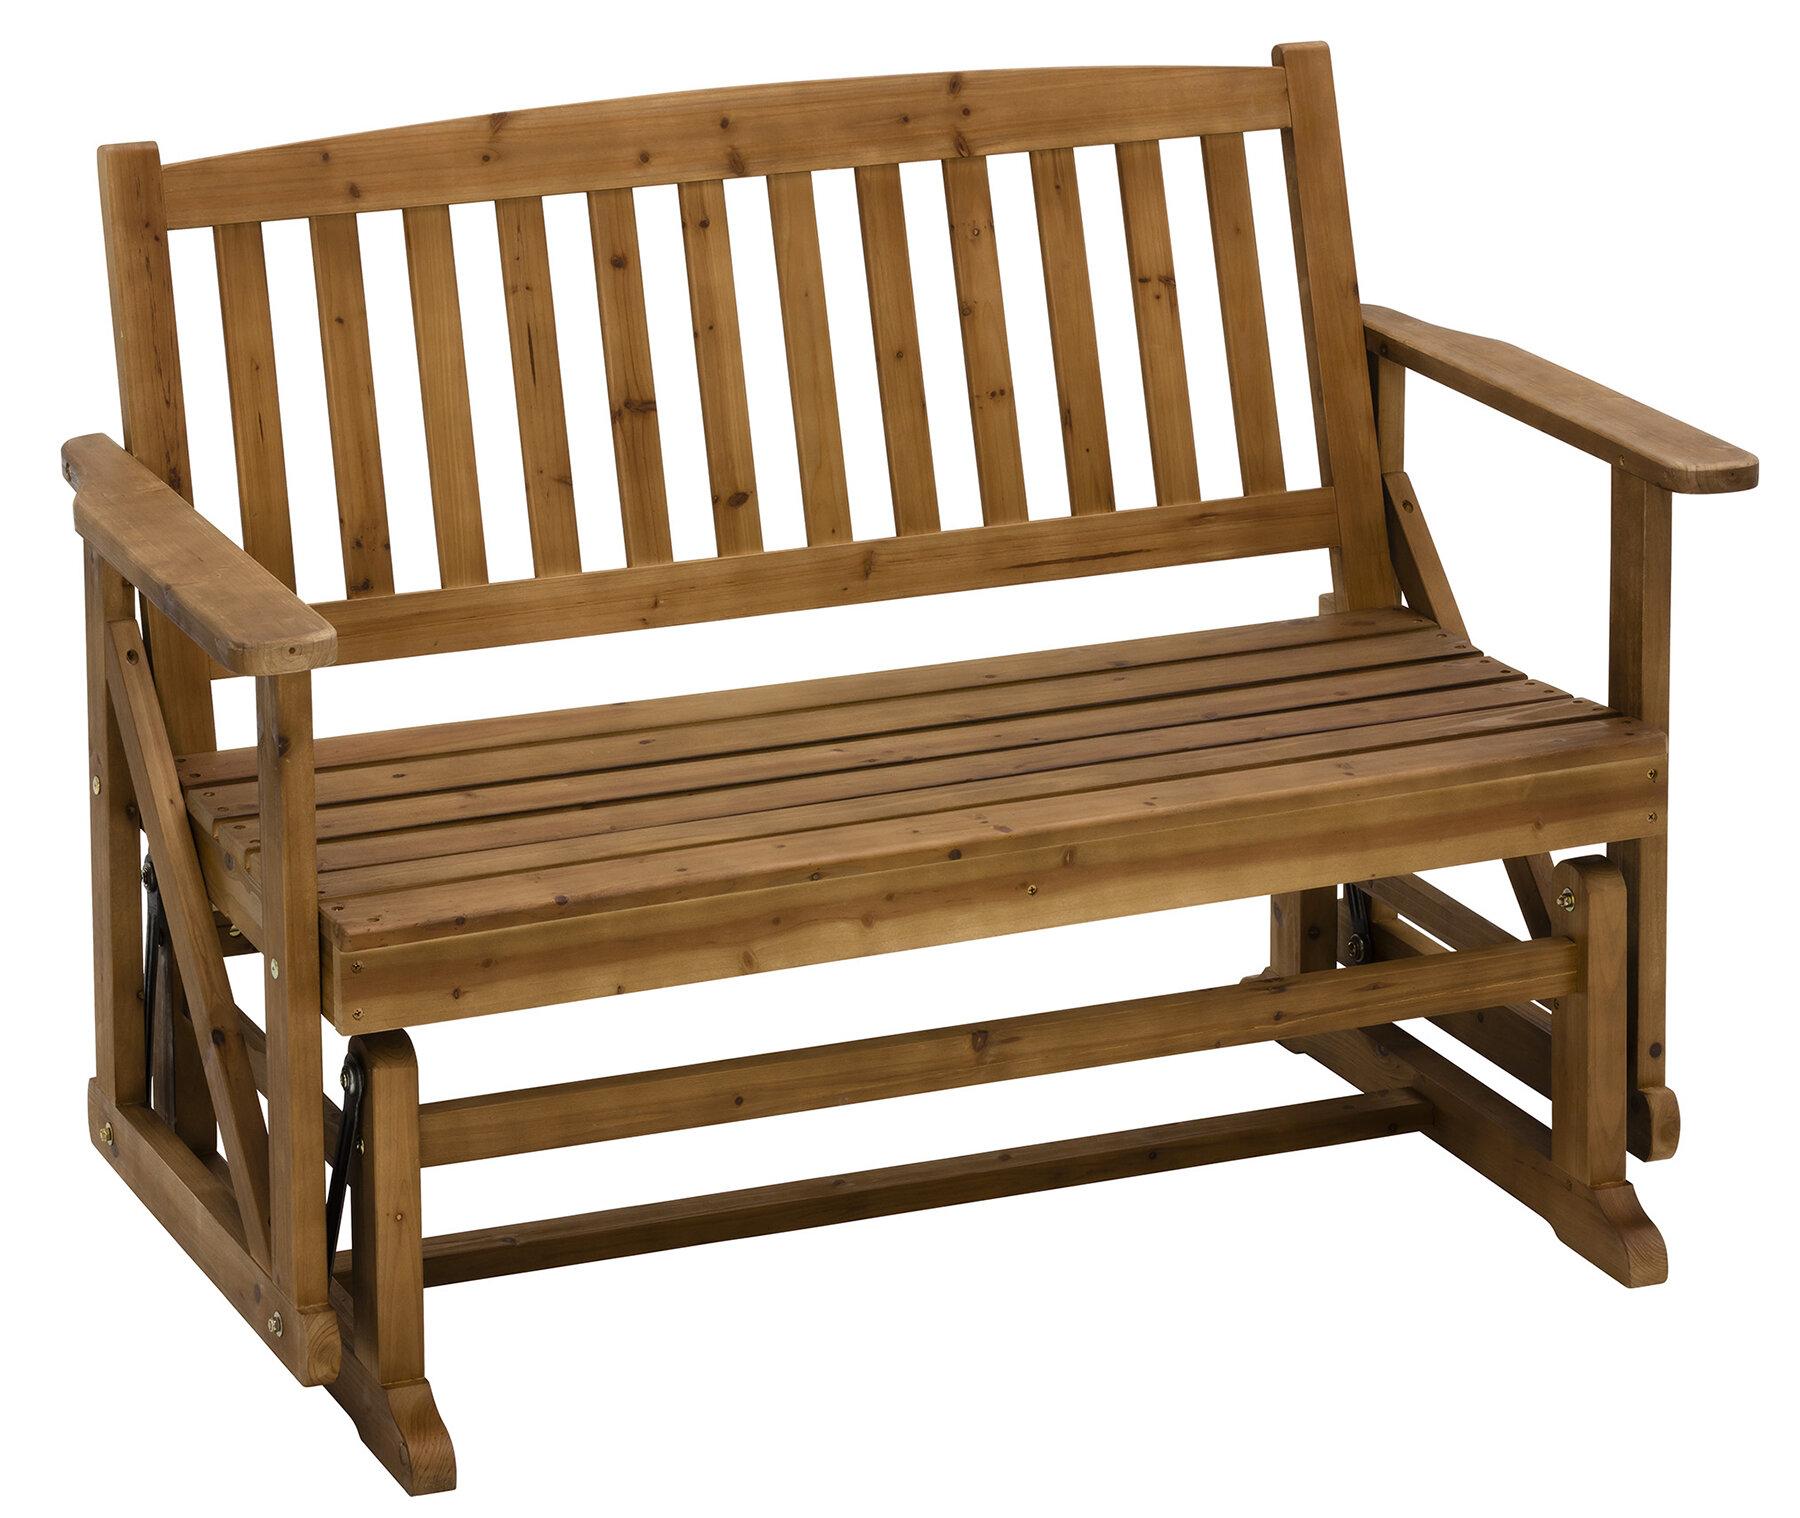 Jack-Post Glider Wooden Garden Bench | Wayfair